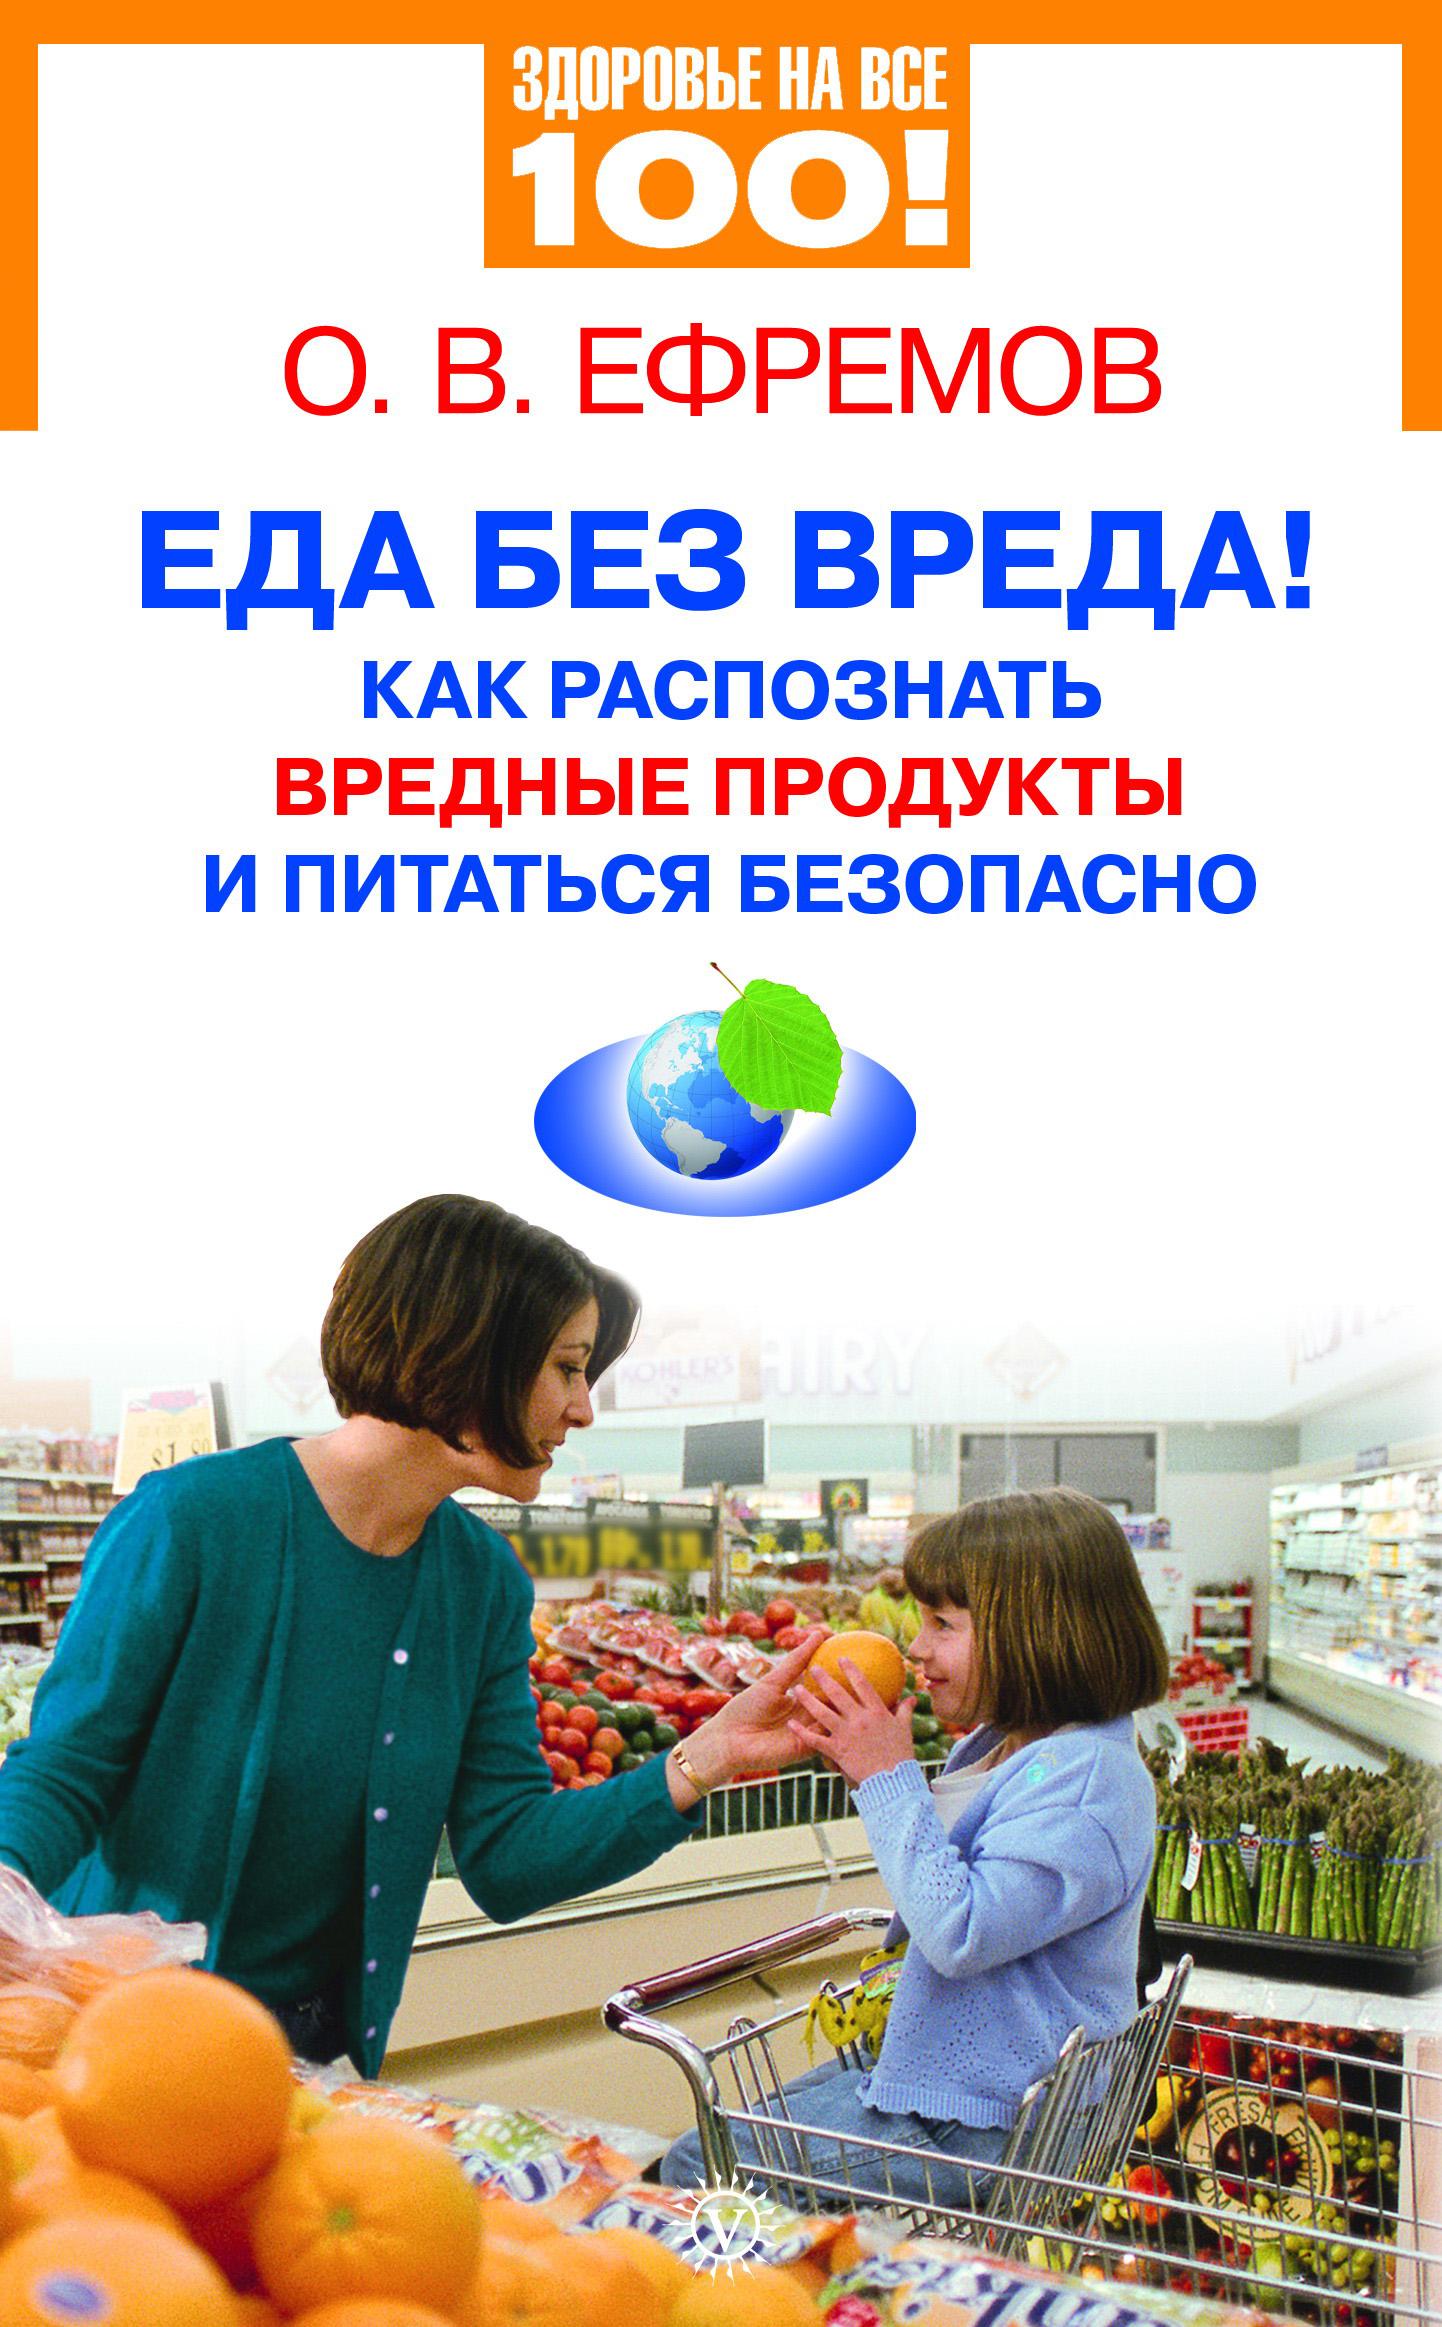 О. В. Ефремов Еда без вреда! Как распознать вредные продукты и питаться безопасно